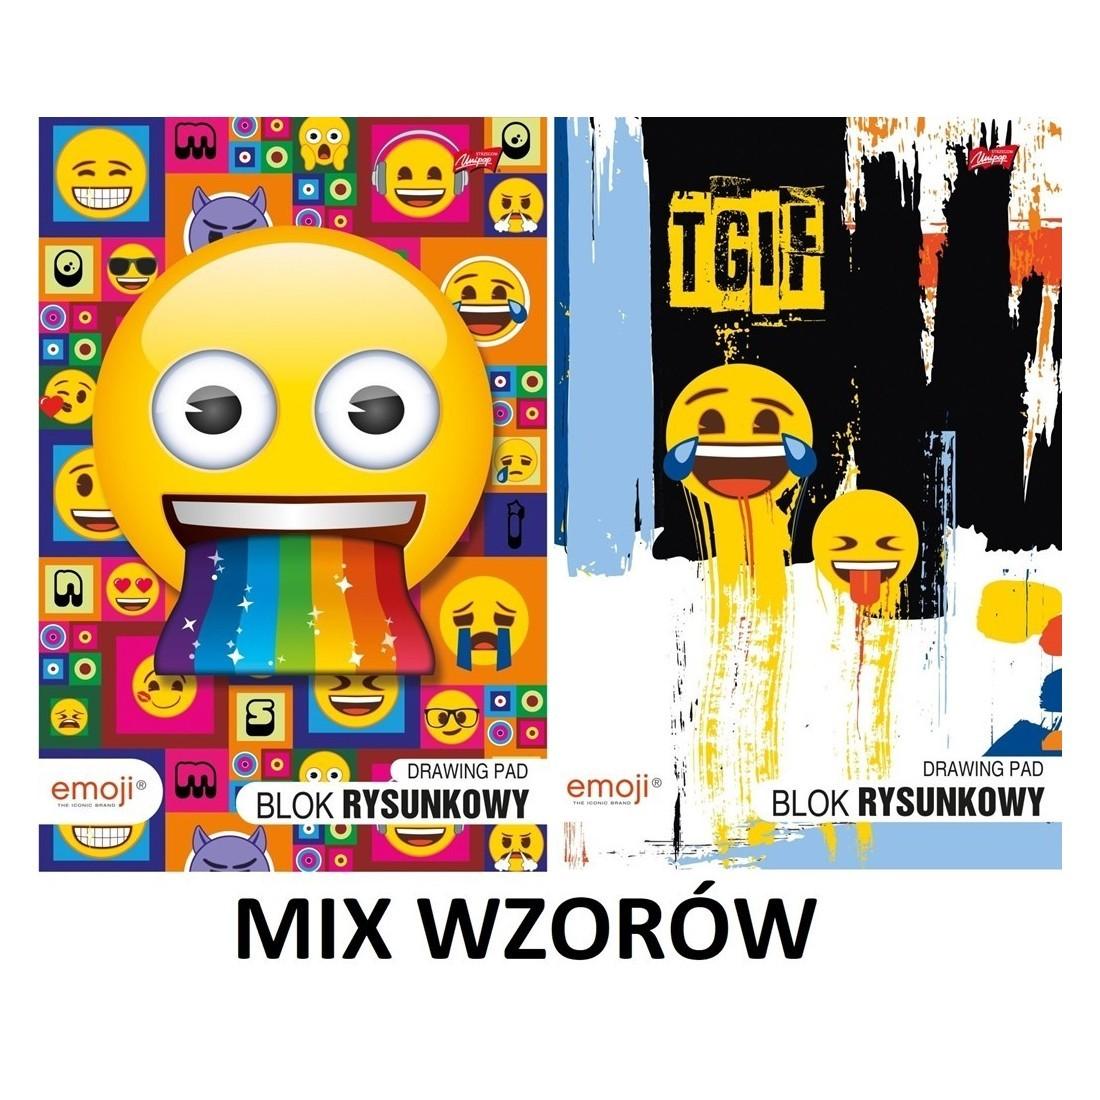 Blok rysunkowy EMOJI w formacie A4 z emotkami MIX WZORÓW - plecak-tornister.pl